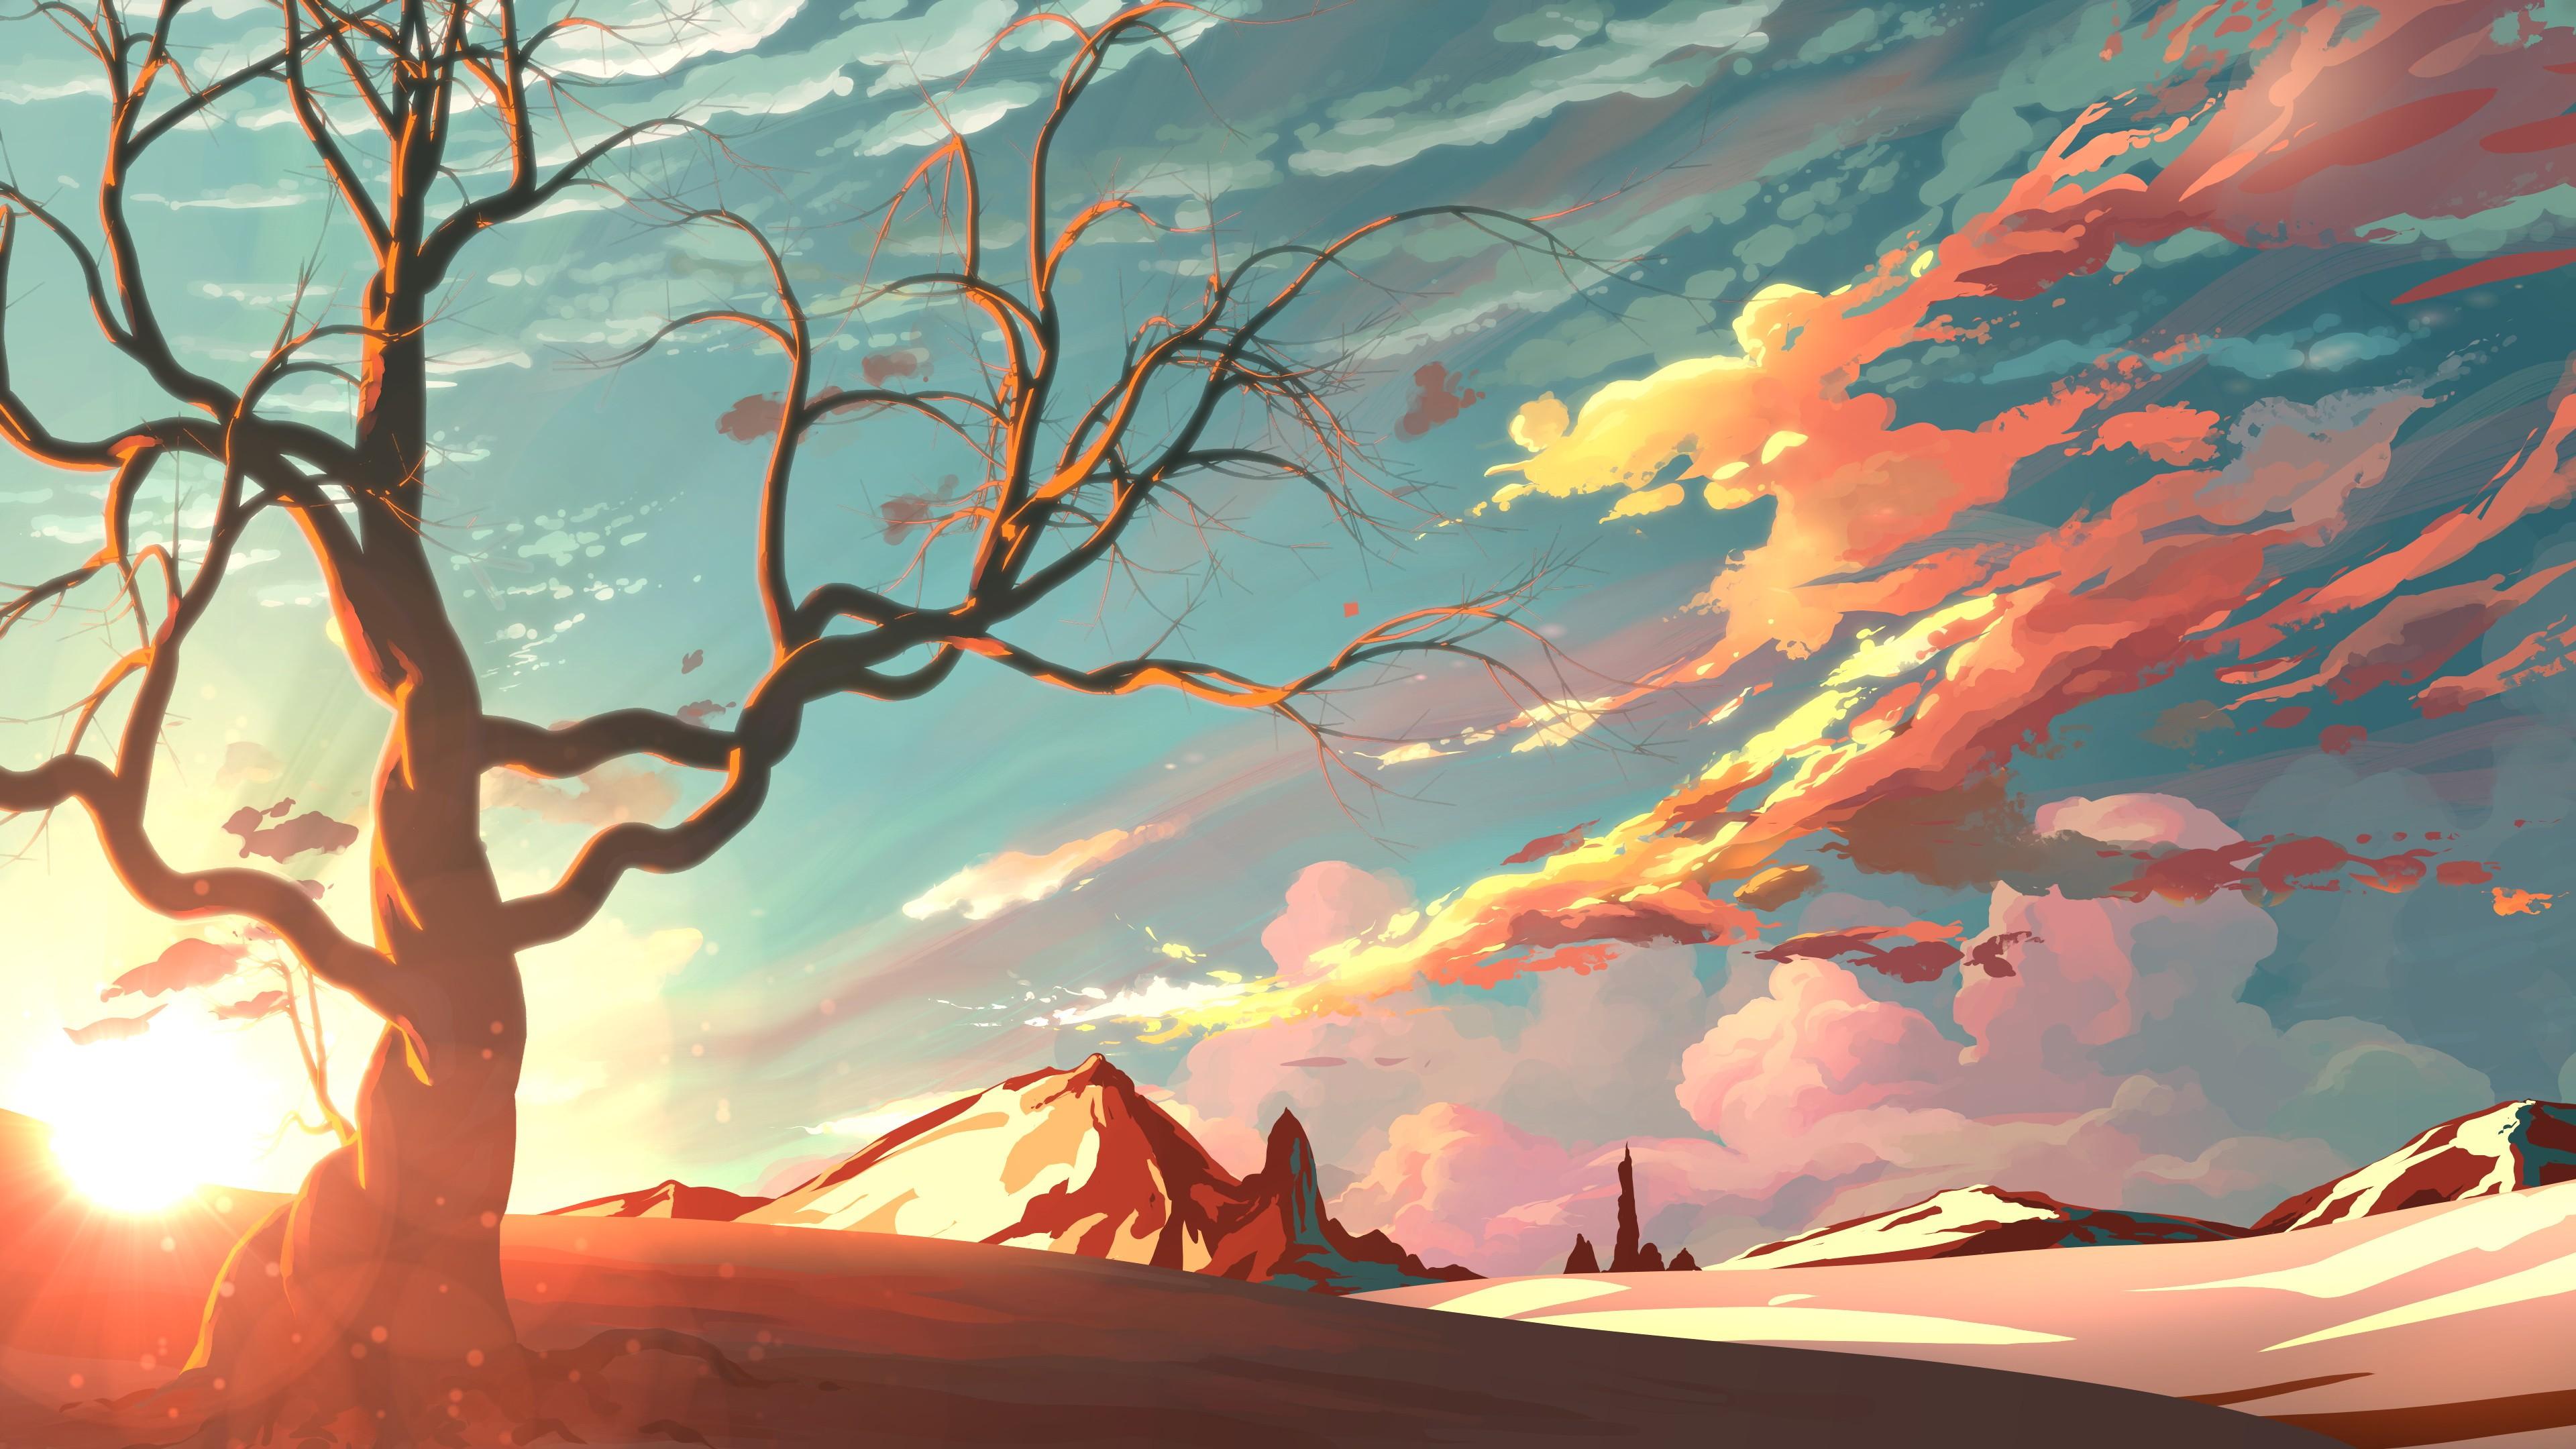 Wallpaper Sinar Matahari Pemandangan Ilustrasi Pegunungan